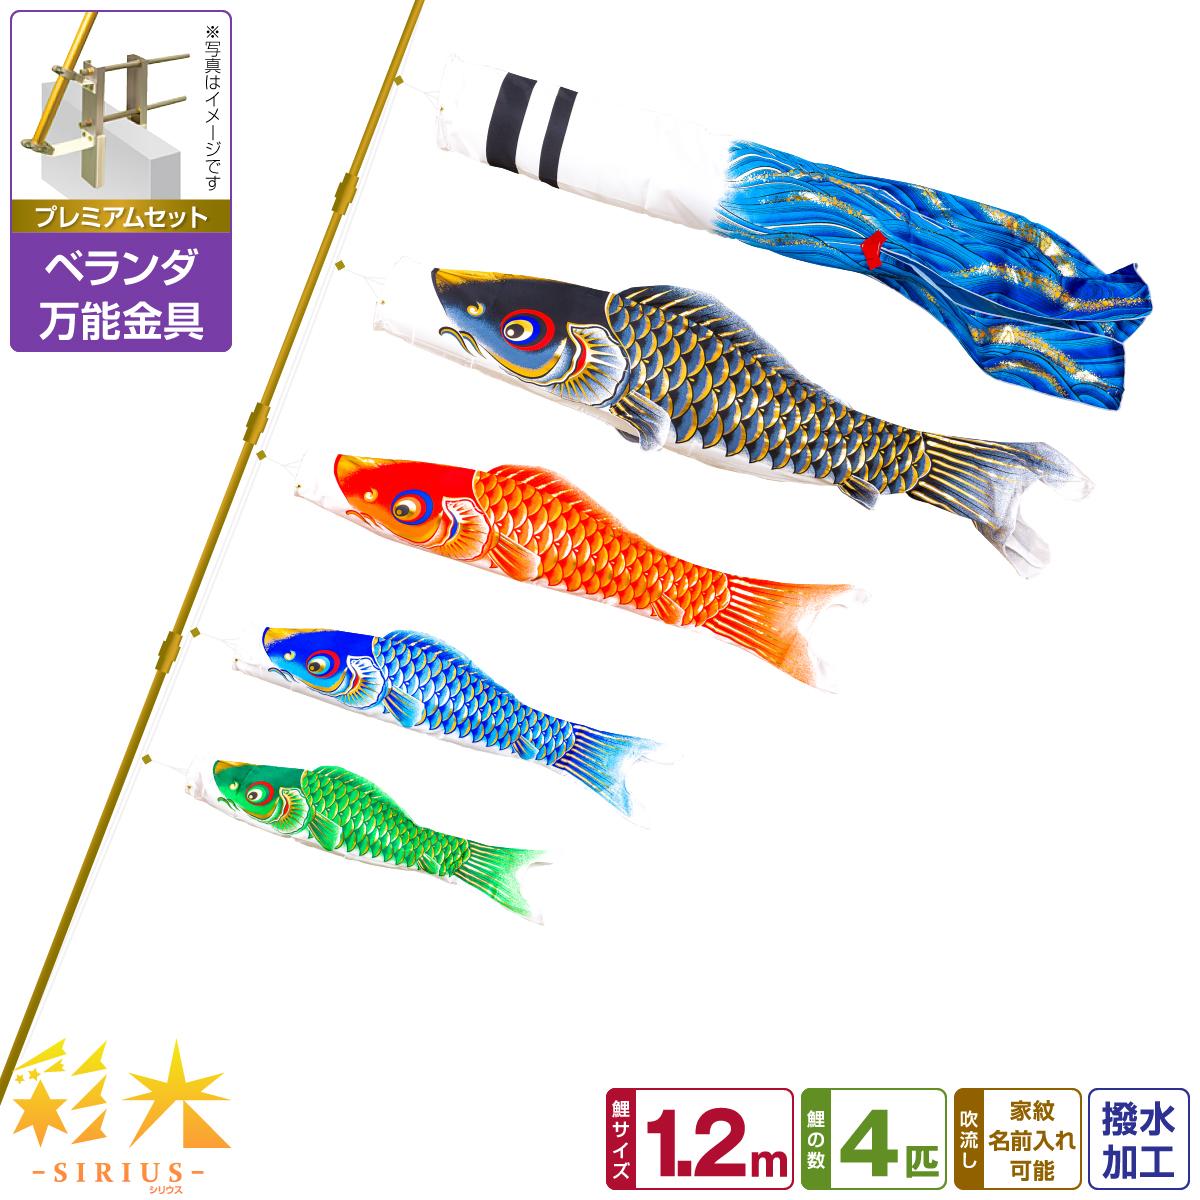 ベランダ用 こいのぼり 鯉のぼり SIRIUS/彩光鯉 1.2m 7点(吹流し+鯉4匹+矢車+ロープ)/プレミアムセット(万能取付金具)